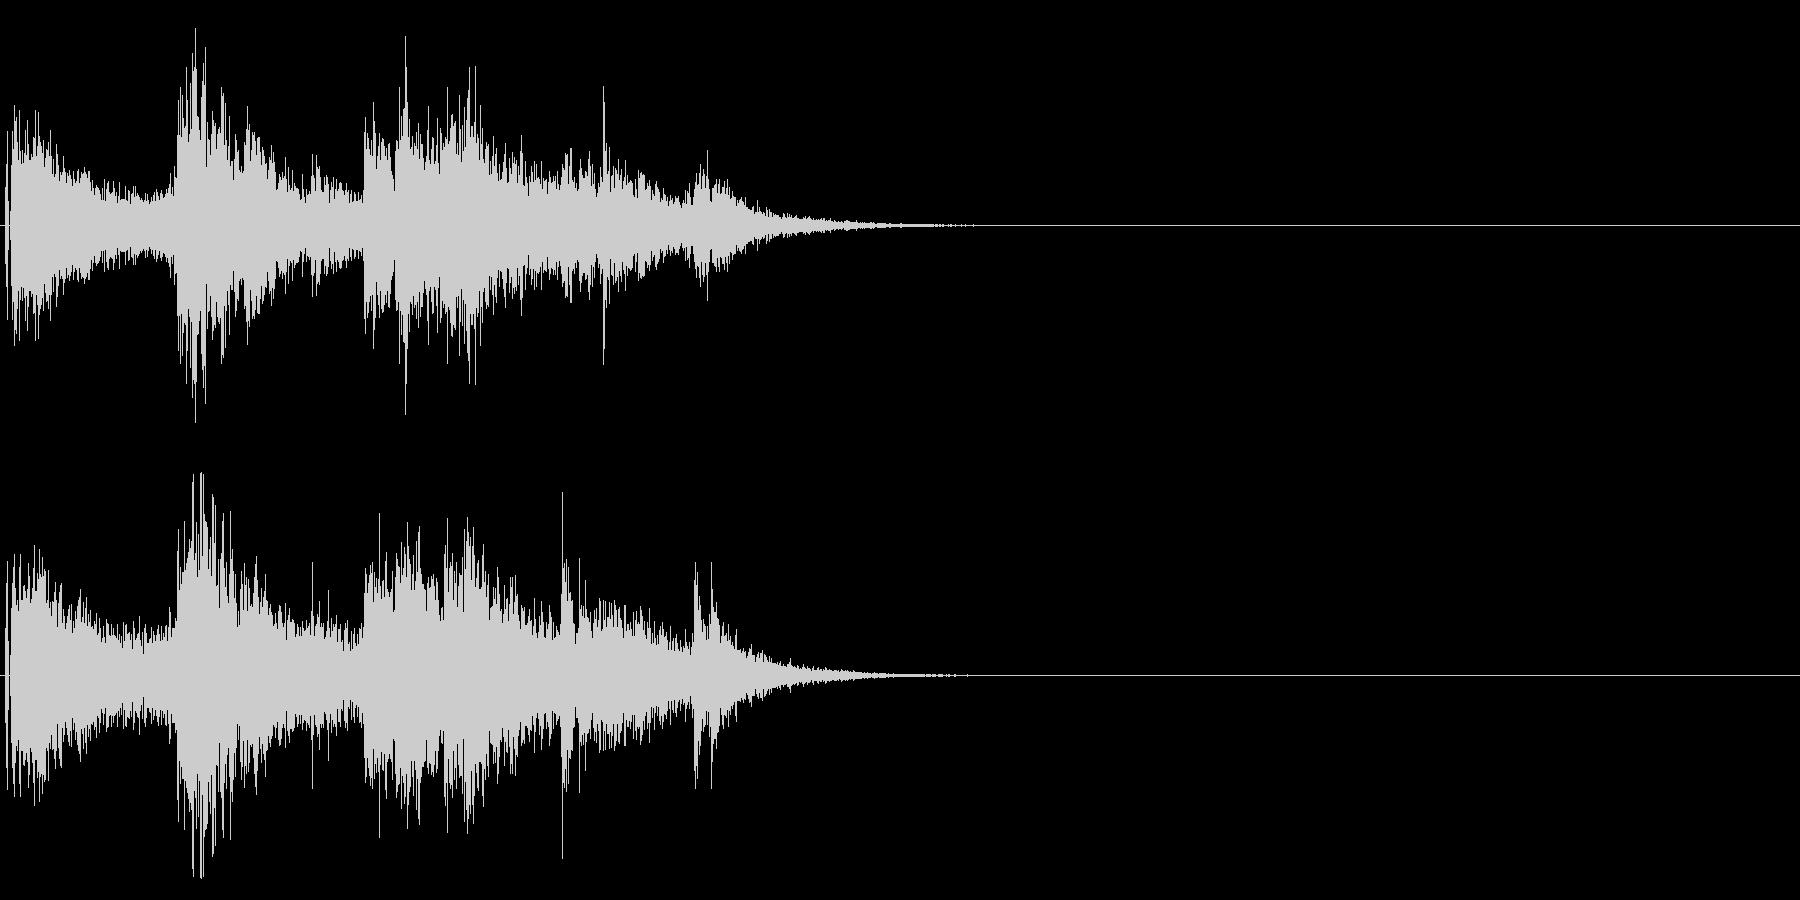 ドンパァ〜!本当にリアルな花火の効果音9の未再生の波形